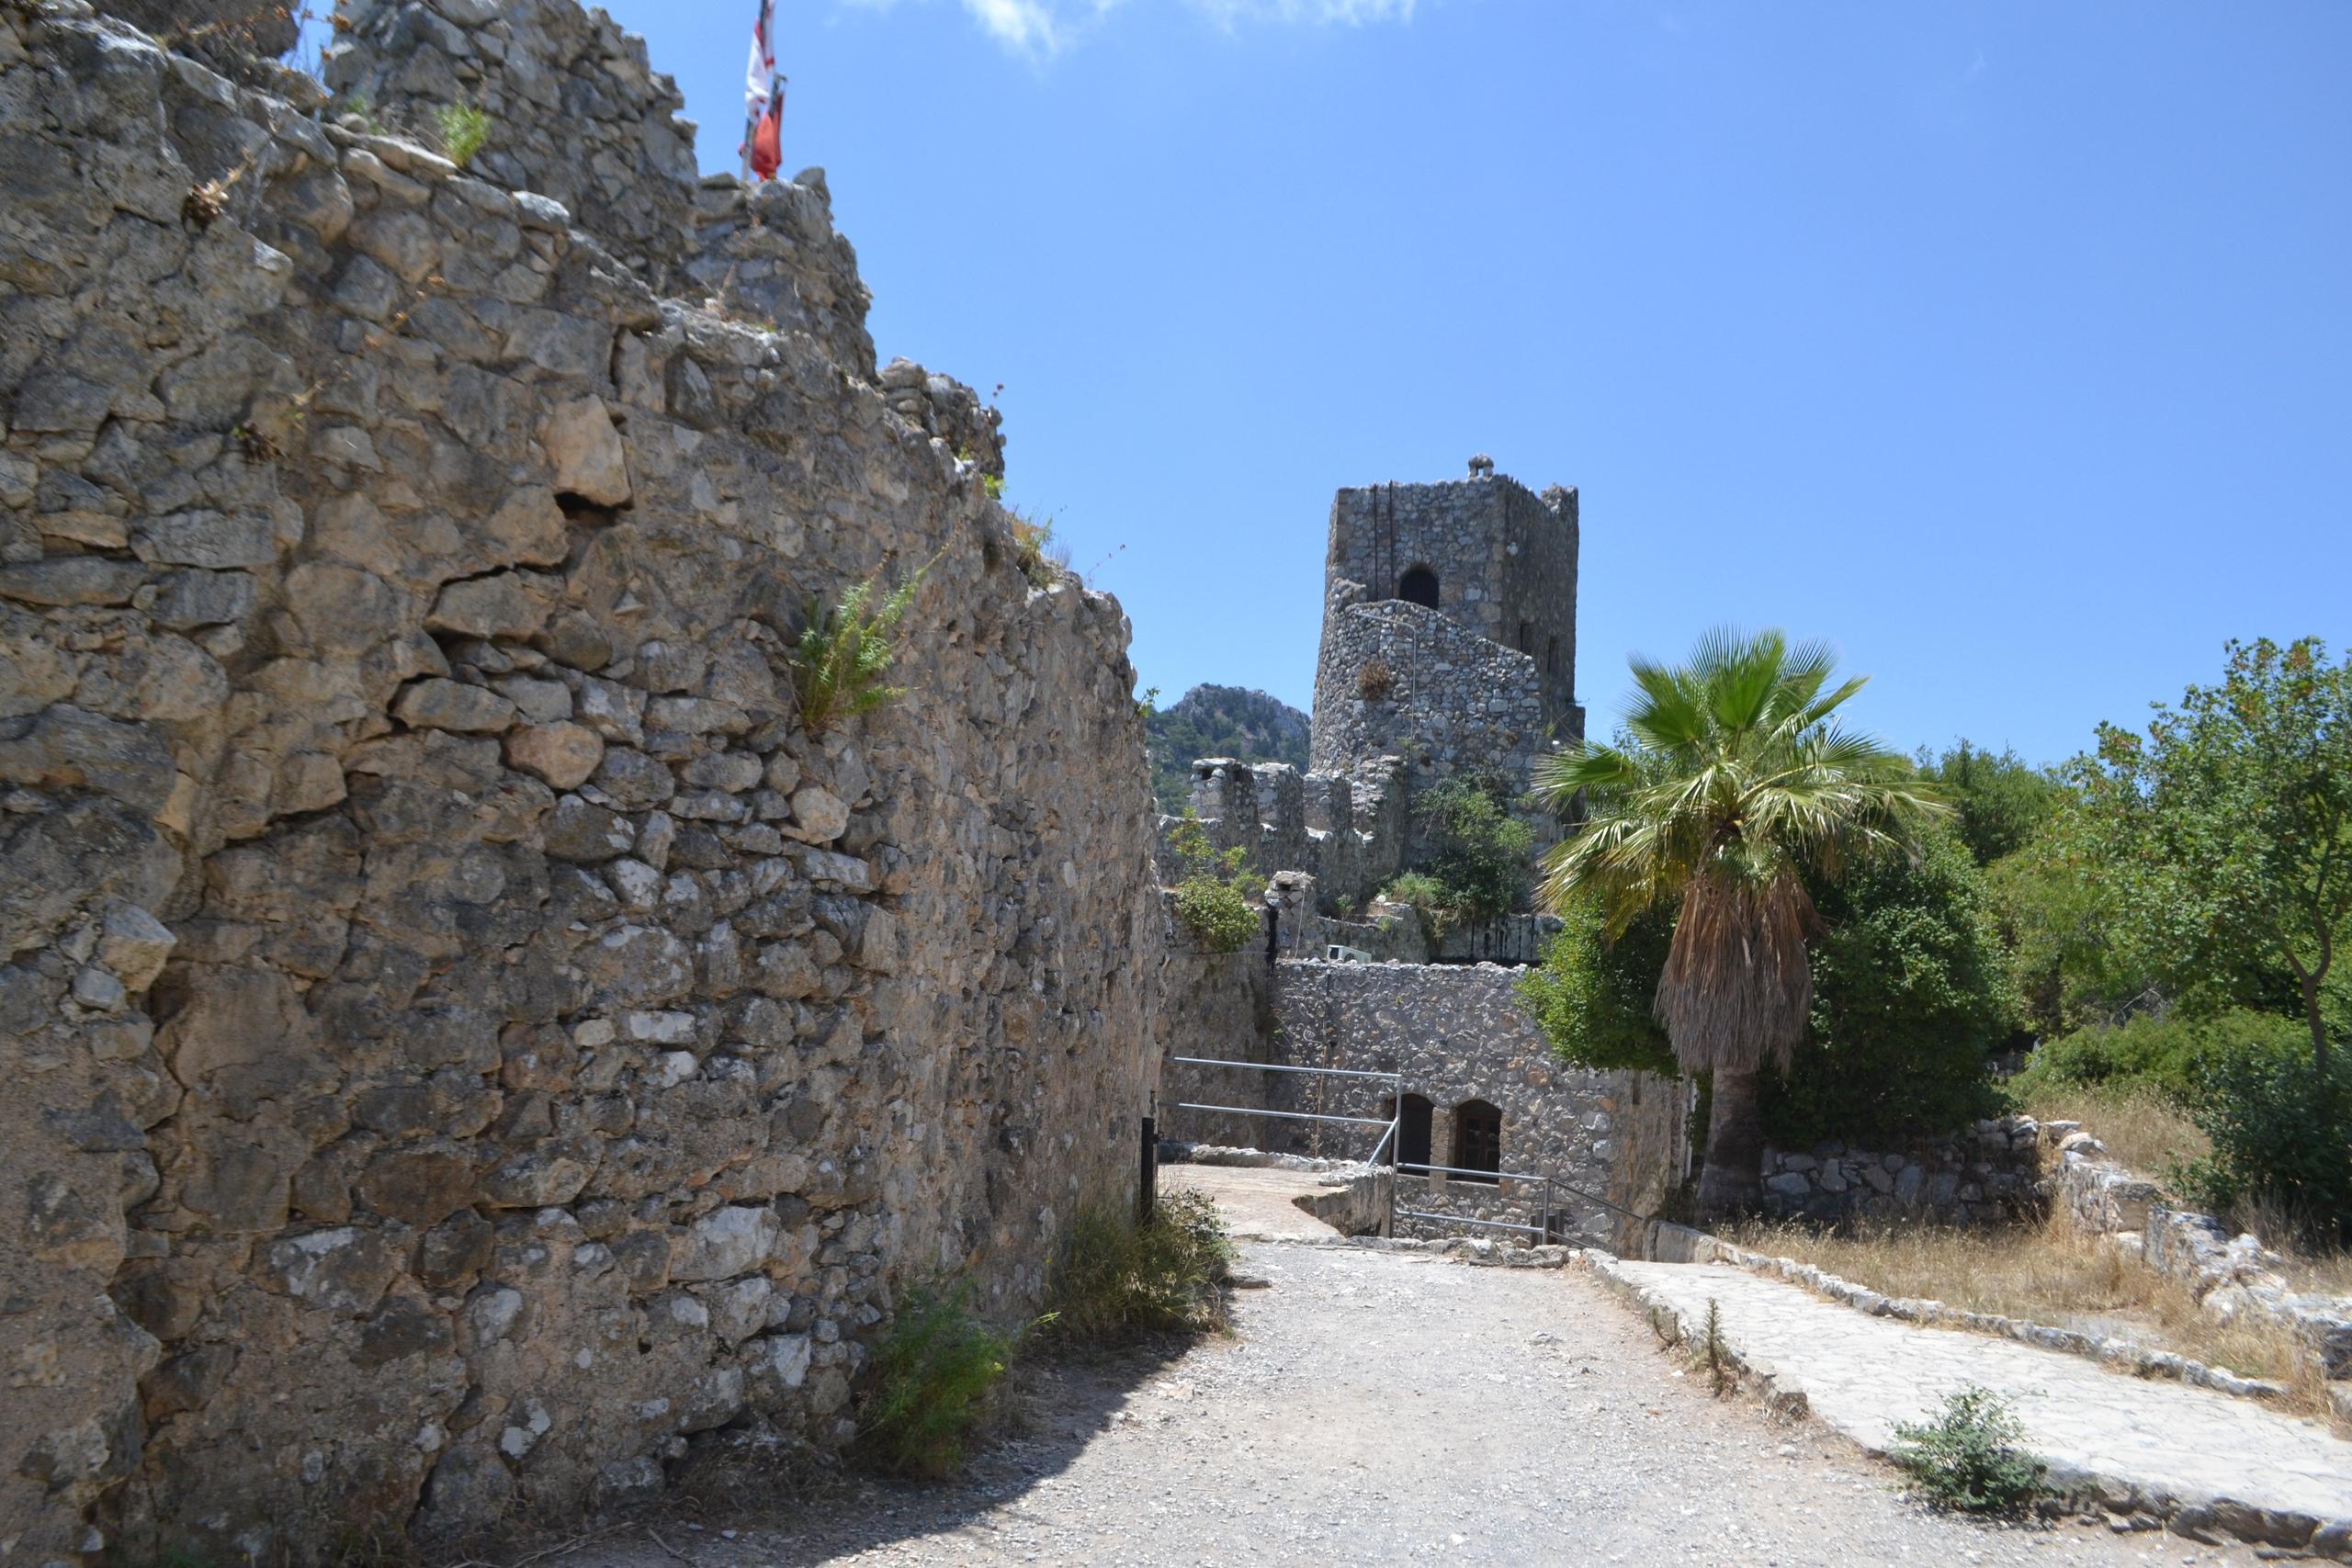 Северный Кипр. Замок Святого Иллариона. (фото). VWO4UKpbnL8